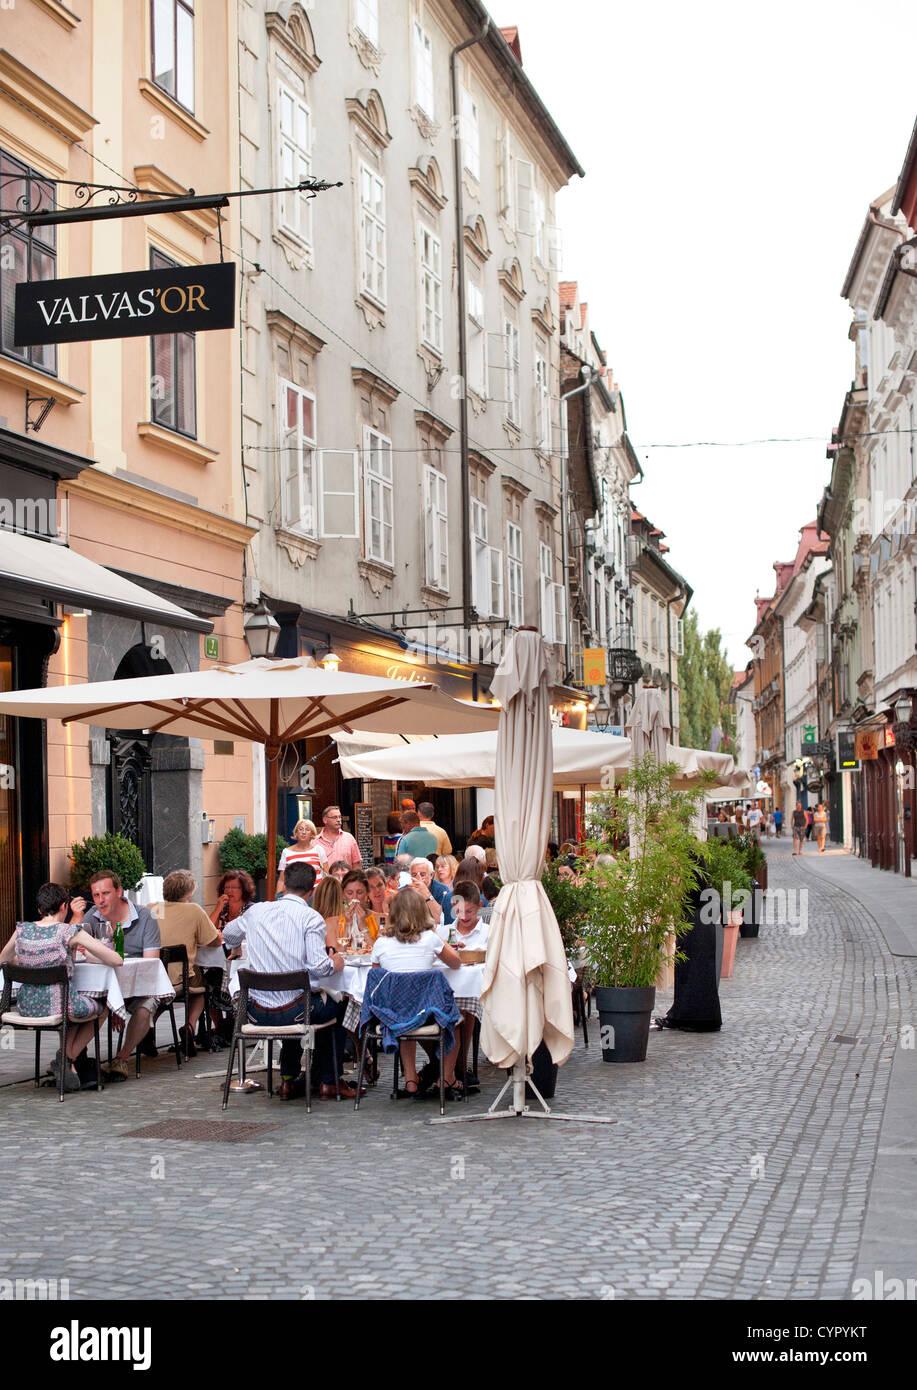 Terrasses de cafés dans la vieille ville de Ljubljana, la capitale de la Slovénie. Banque D'Images